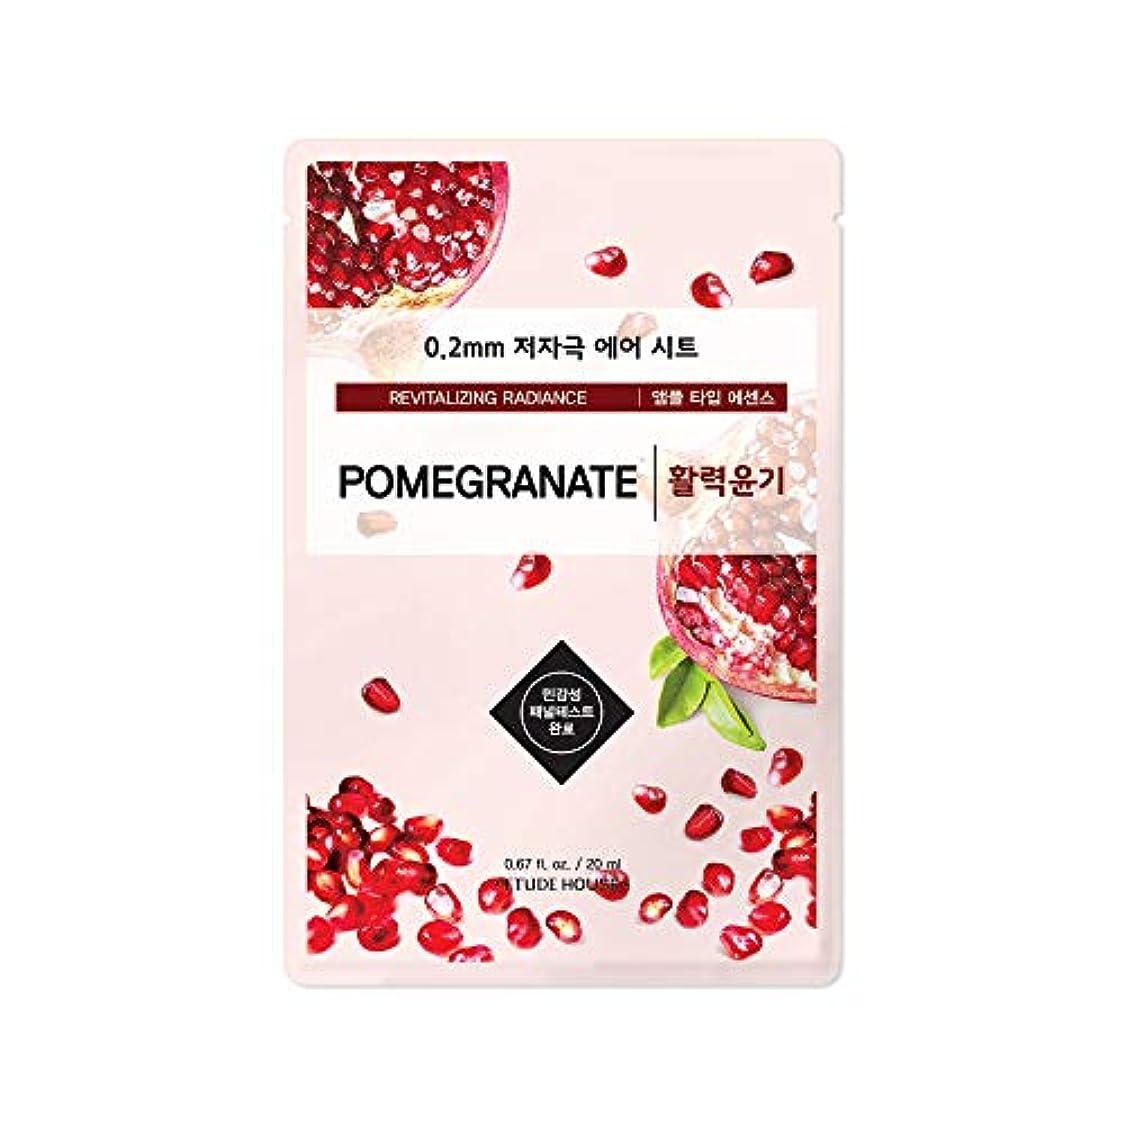 適合しました喜んで厳しいETUDE HOUSE 0.2 Therapy Air Mask 20ml×10ea (#07 Pomegranate)/エチュードハウス 0.2 セラピー エア マスク 20ml×10枚 (#07 Pomegranate)